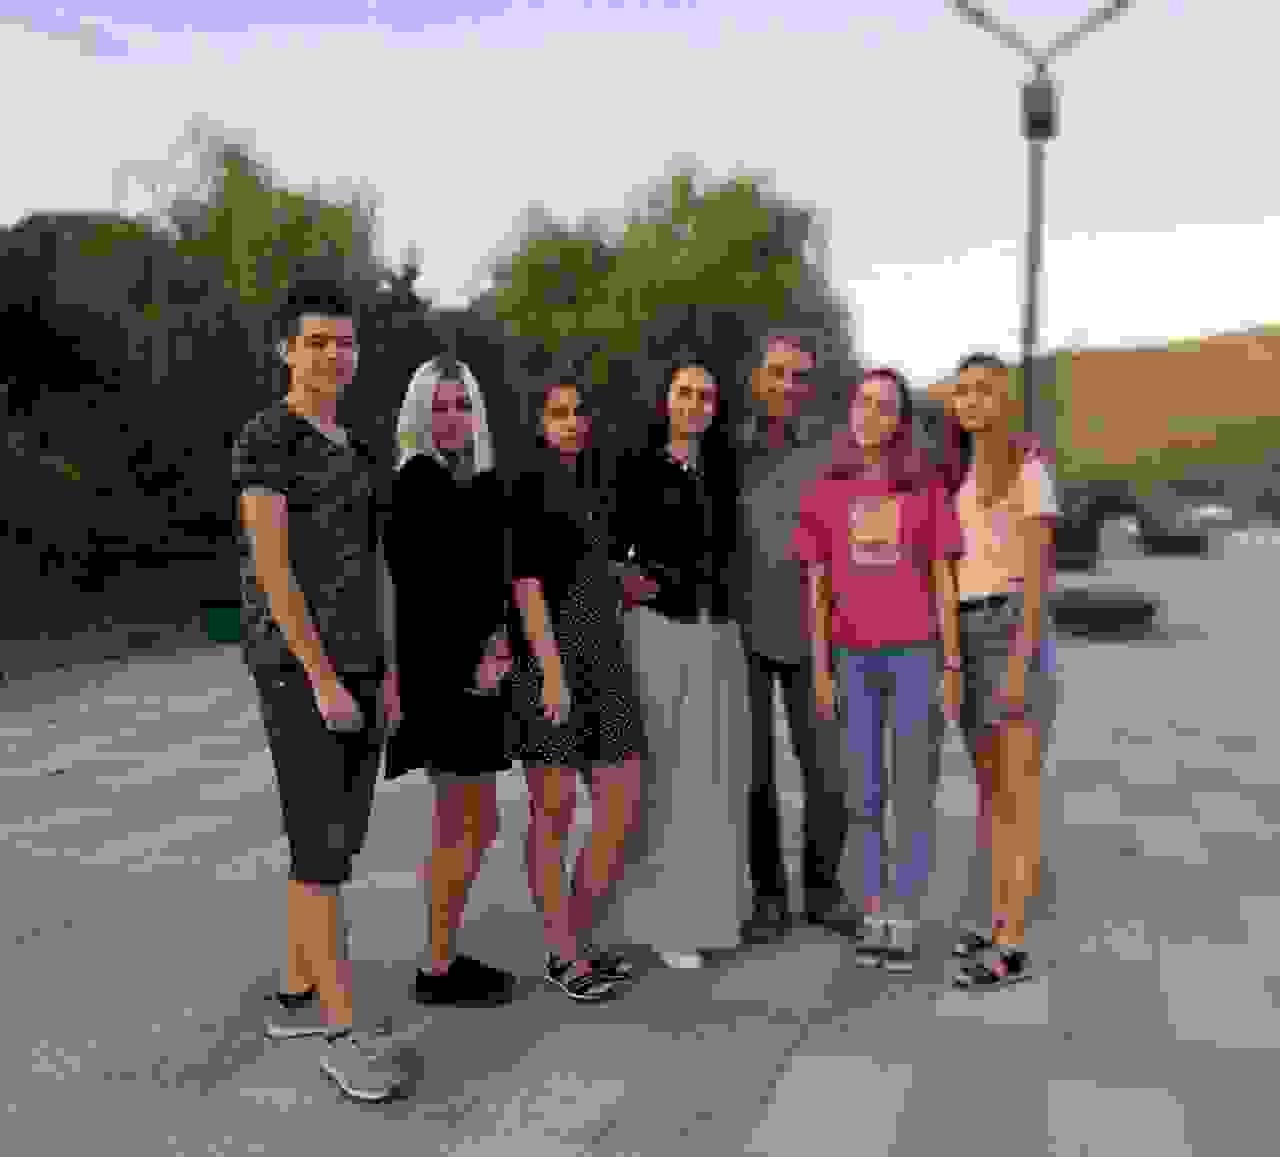 За что подарили миллион рублей многодетной семье из Новороссийска